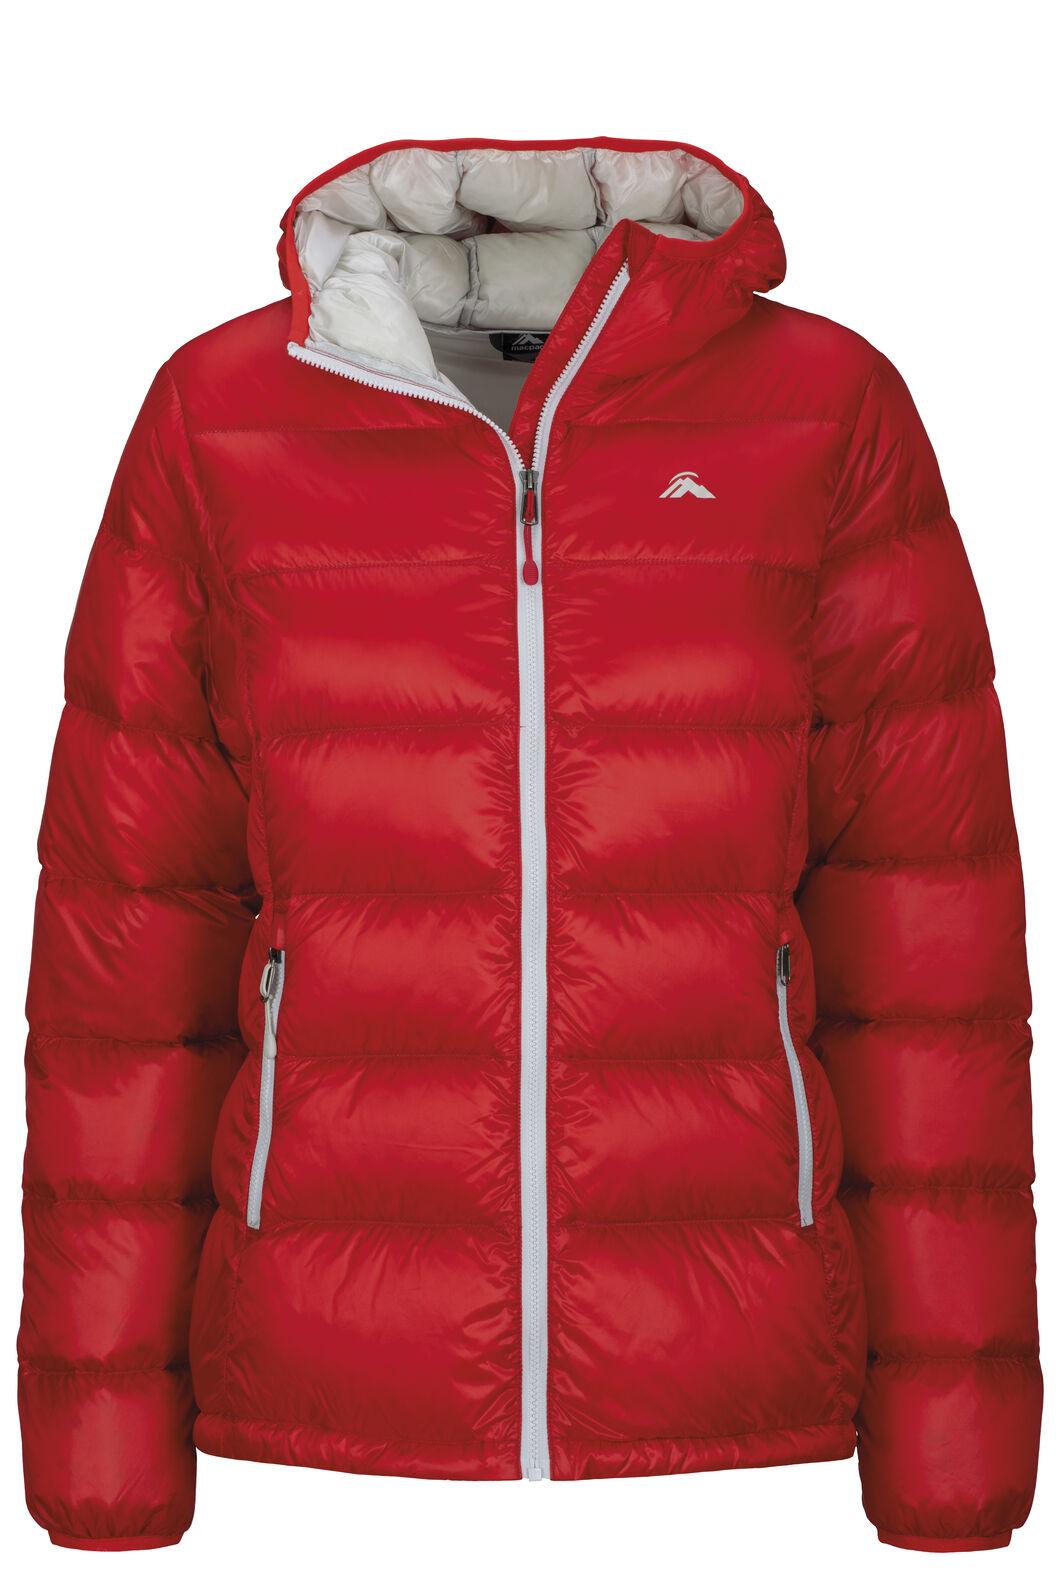 Macpac Women's Jupiter Hooded Down Jacket, Fiery Red, hi-res